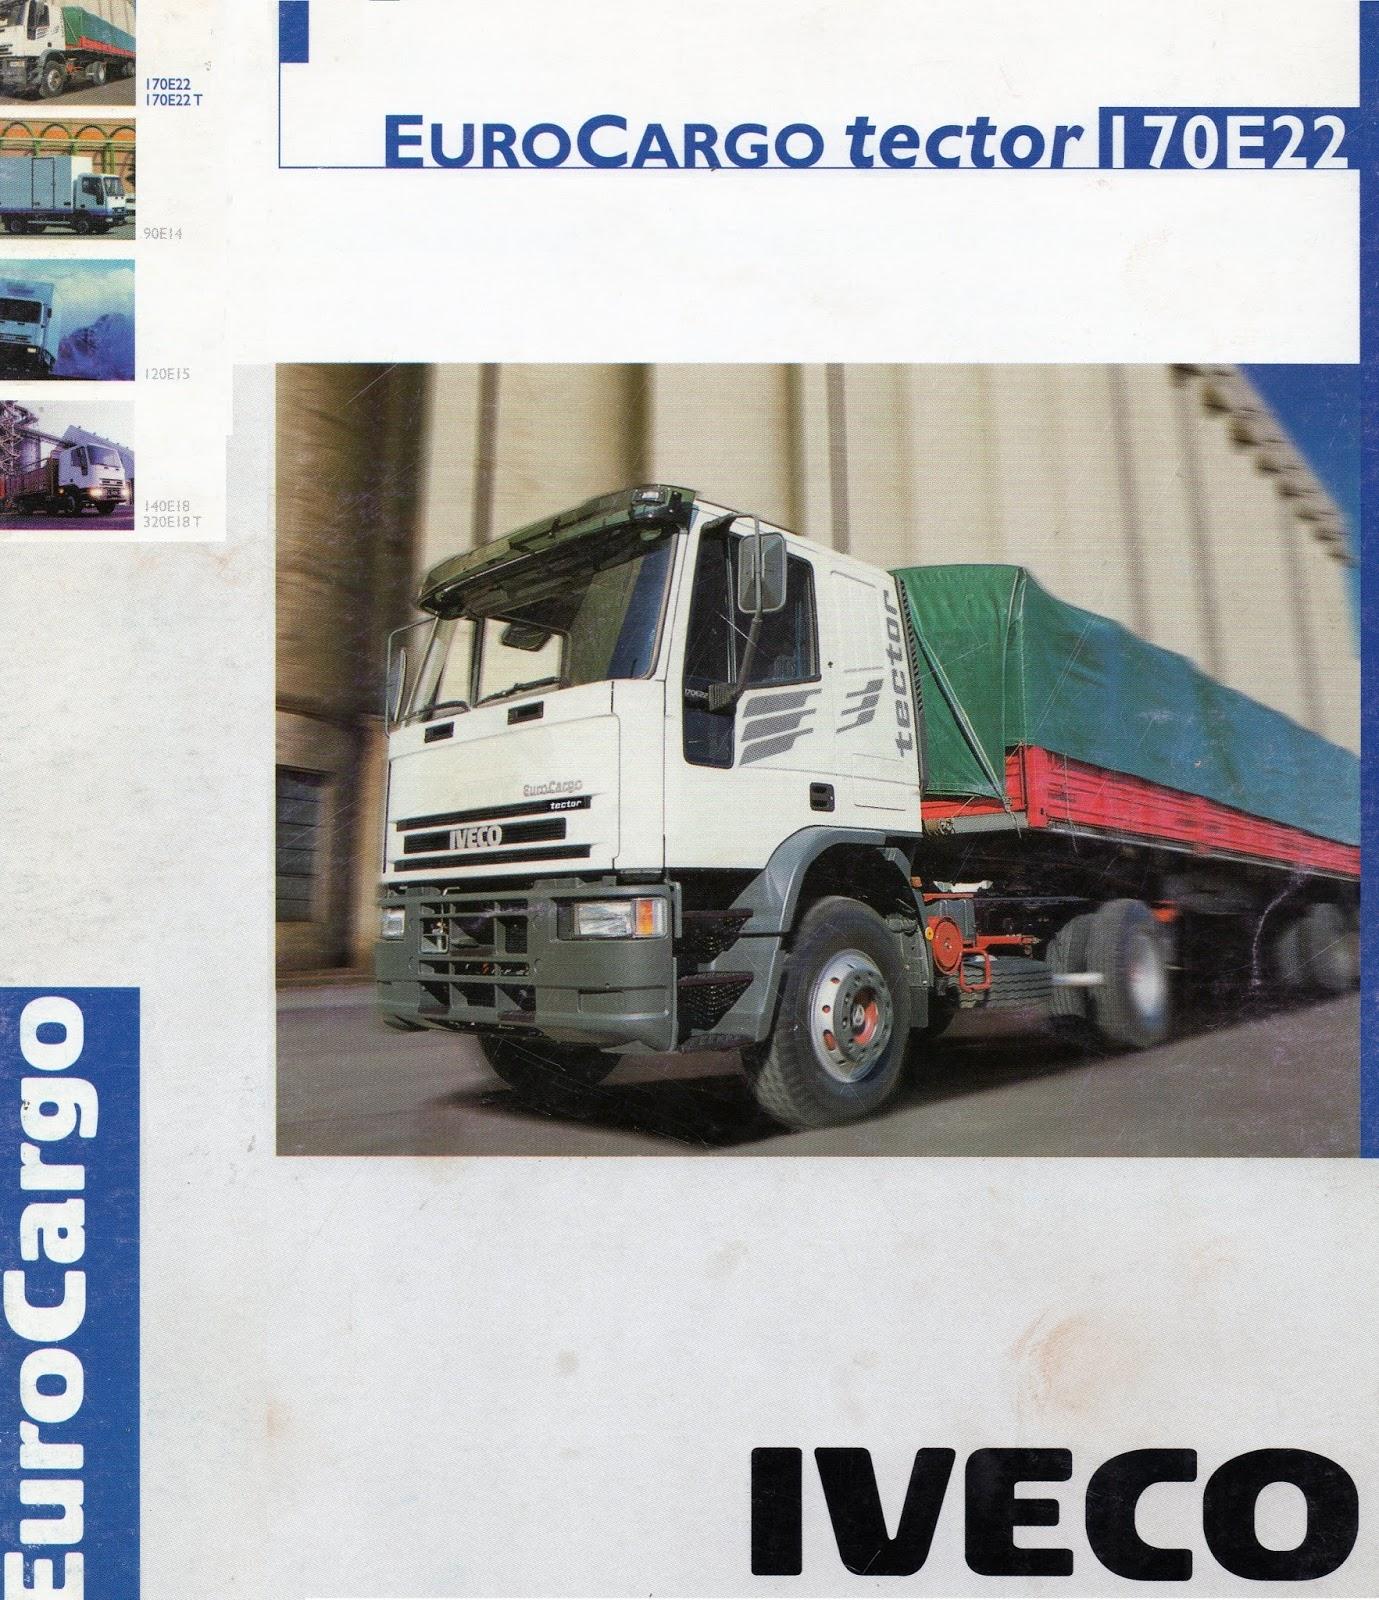 Camin argentino iveco eurocargo 170e22170e22t camin de cabina de tipo frontal abatible 60 disponible en versiones simple o dormitorio estructura autoportante totalmente insonorizada y estanca fandeluxe Choice Image